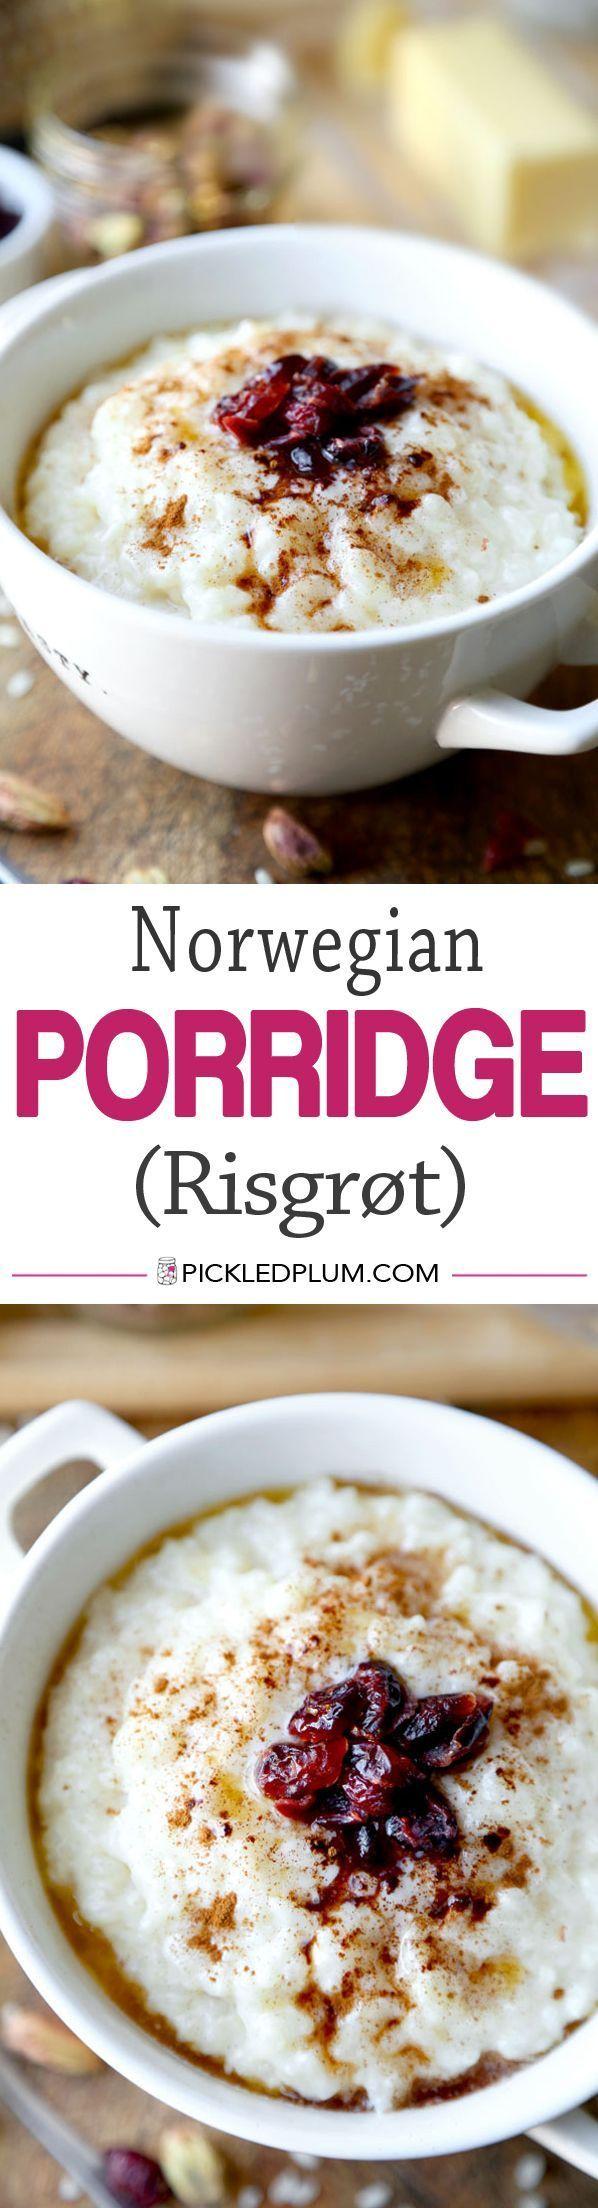 Norwegian Porridge Risgrot Pickled Plum Food And Drinks Recipe Viking Food Scandinavian Food Norwegian Food